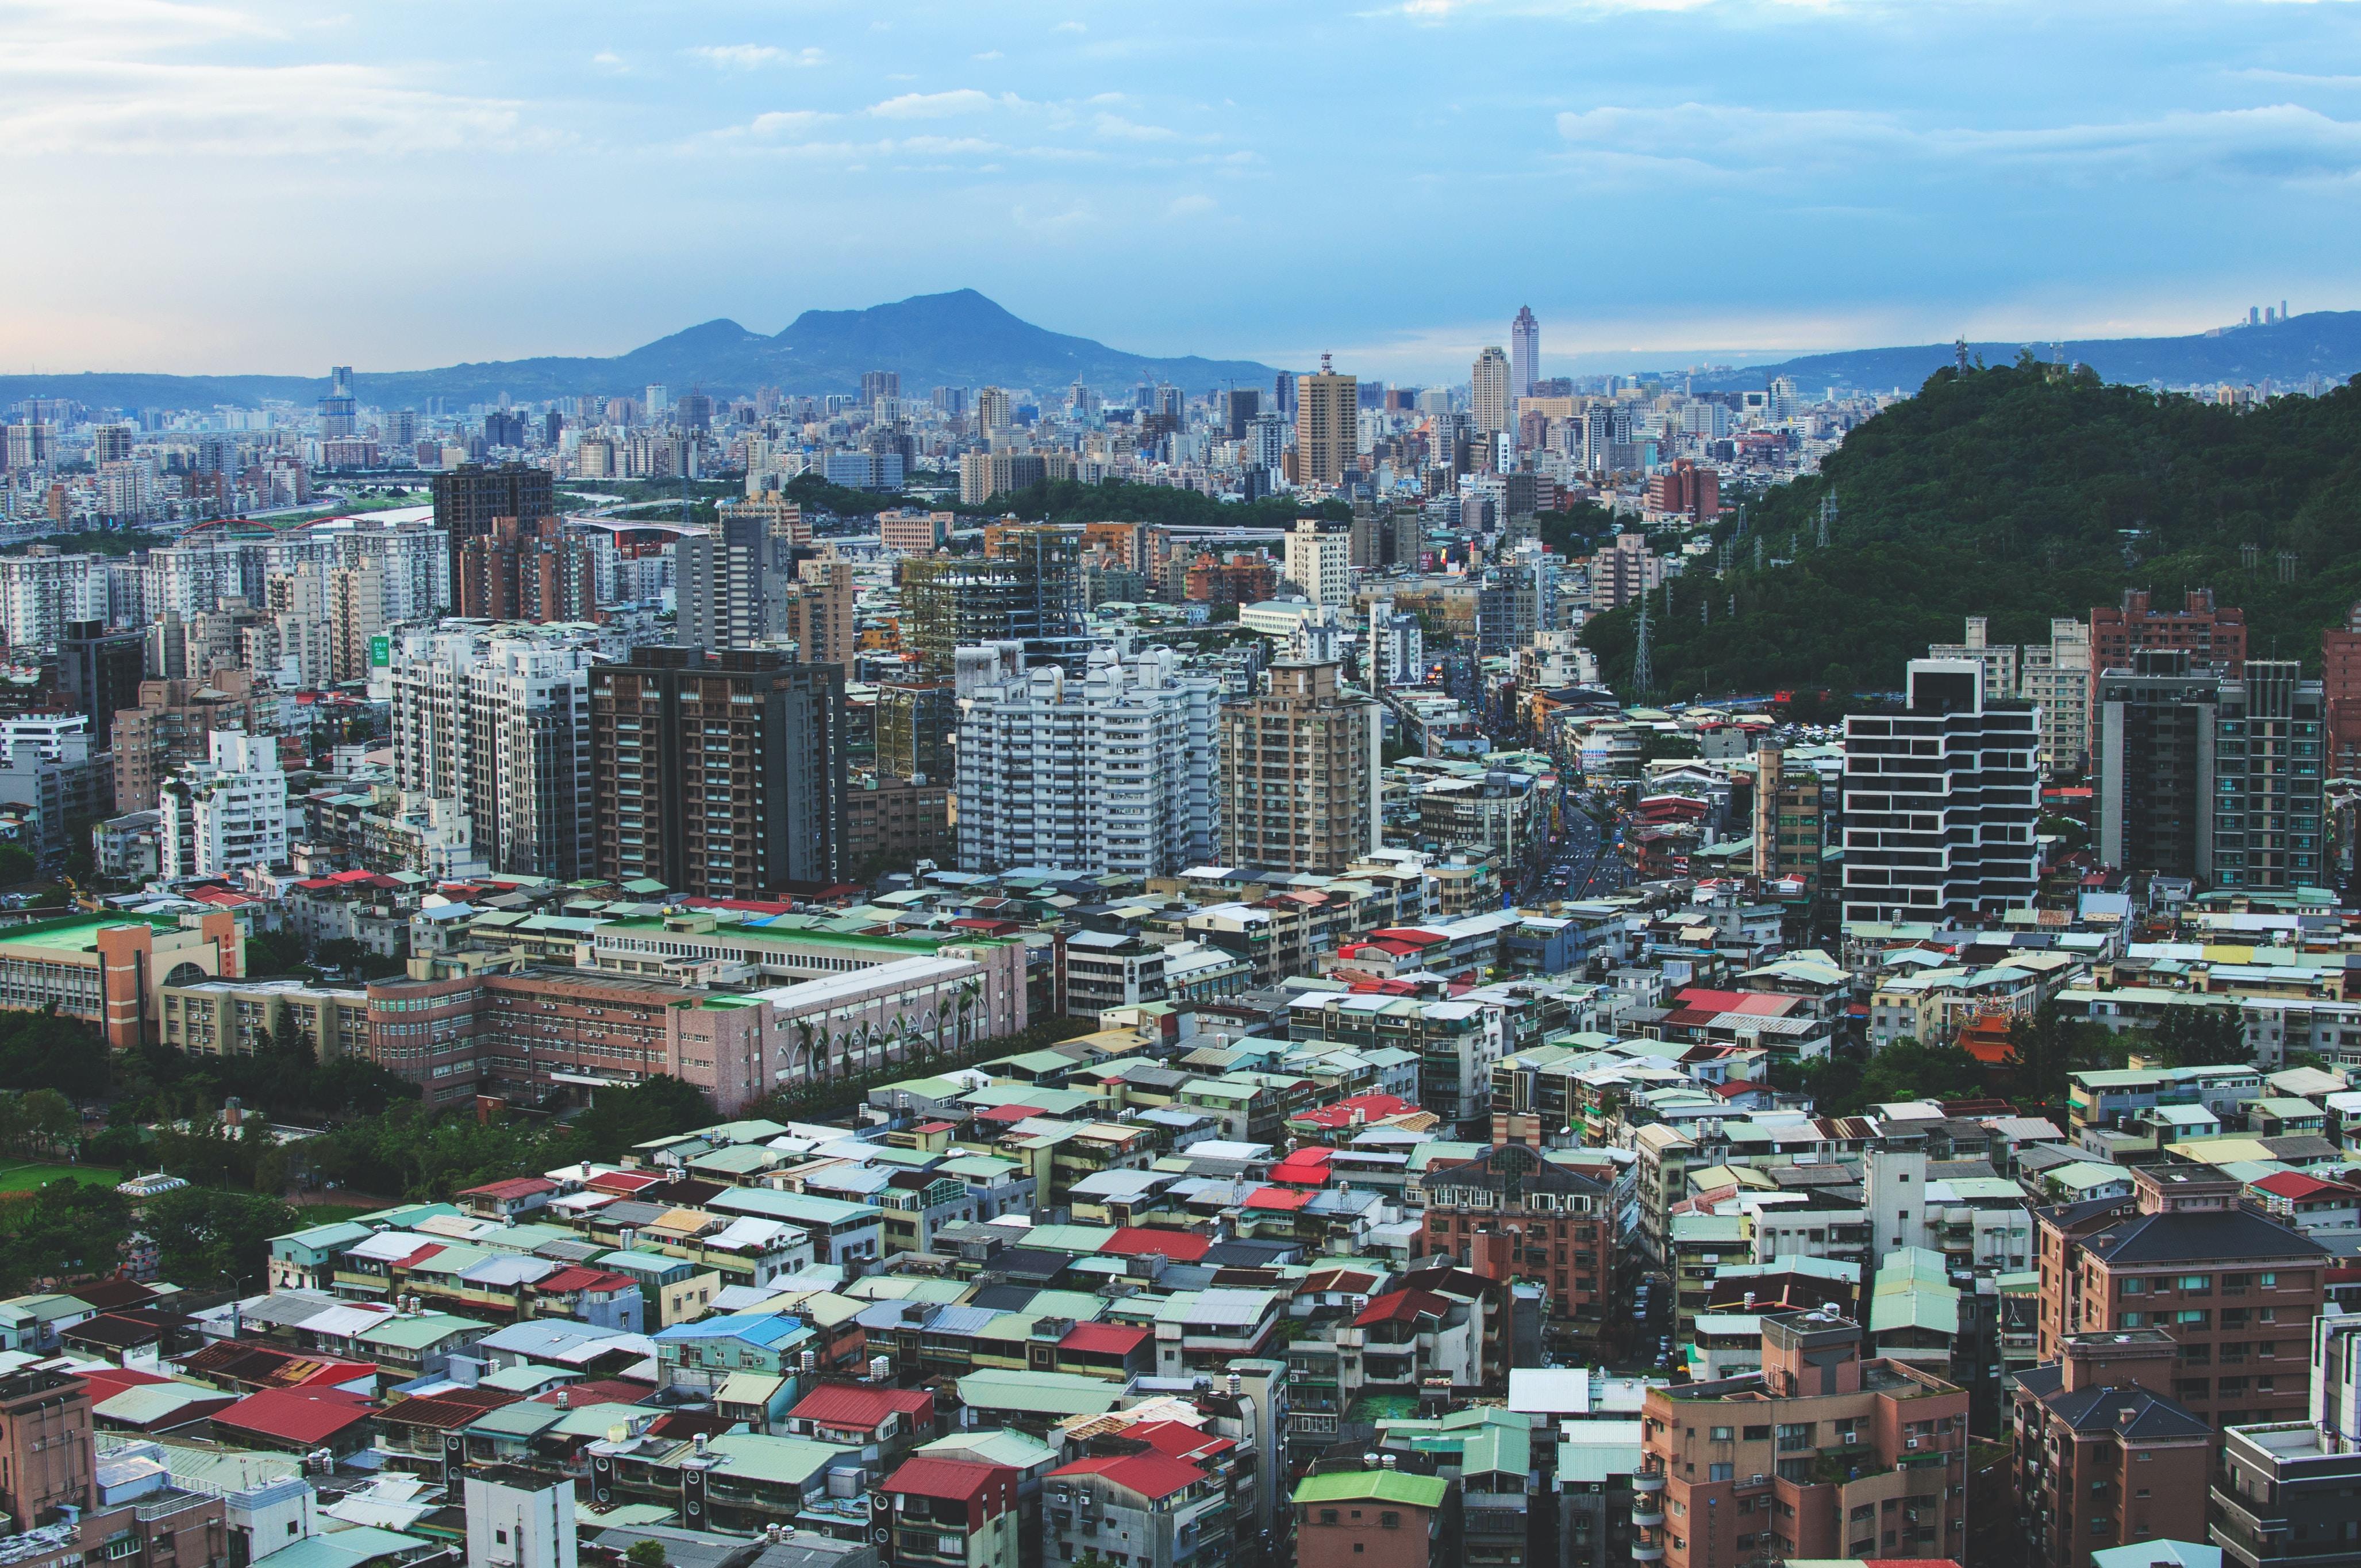 city skyline at daytime